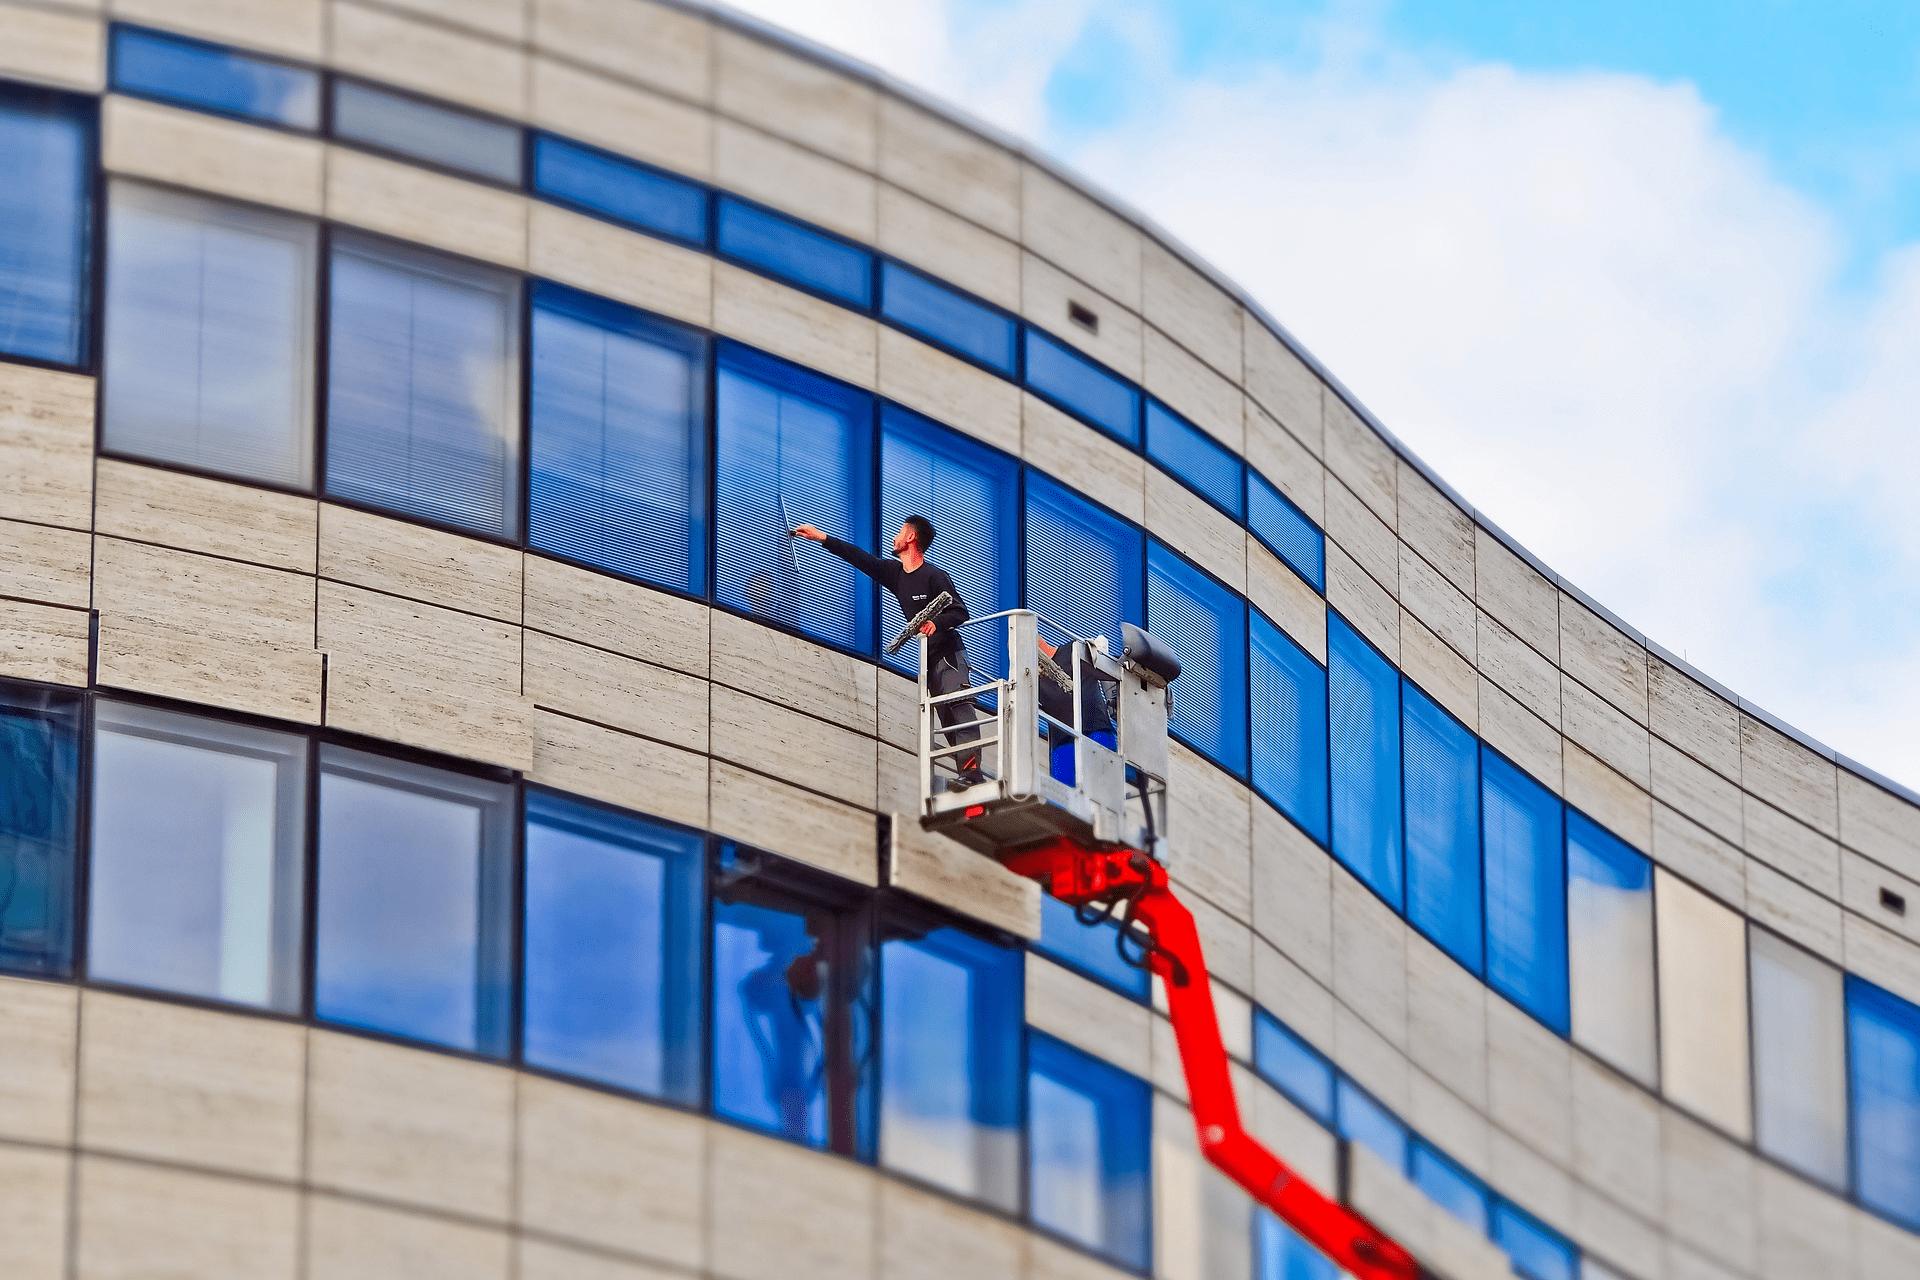 Empresa de limpieza limpiando los cristales exteriores de un edificio.